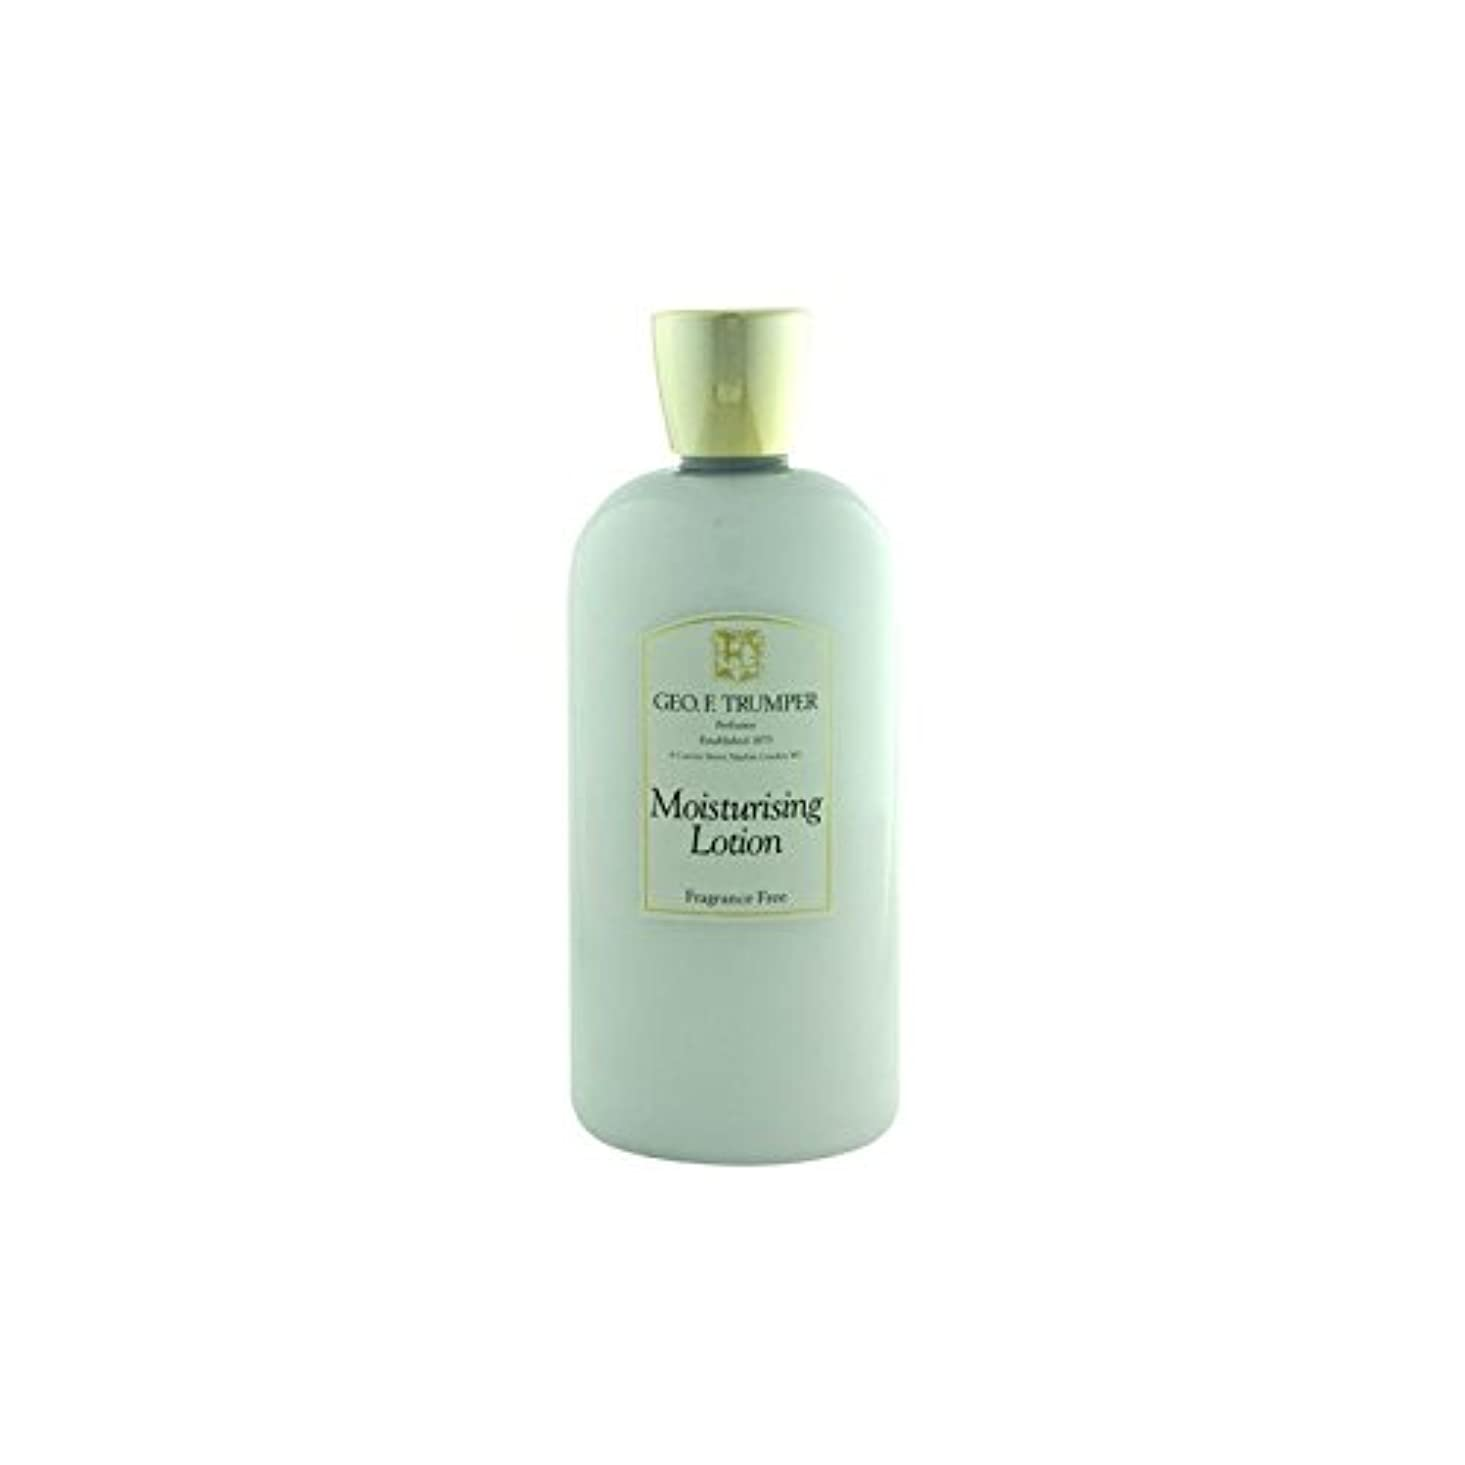 バター一人で痛い無香料の保湿剤を - 500ミリリットル旅 x2 - Trumpers Fragrance Free Moisturiser - 500ml Travel (Pack of 2) [並行輸入品]